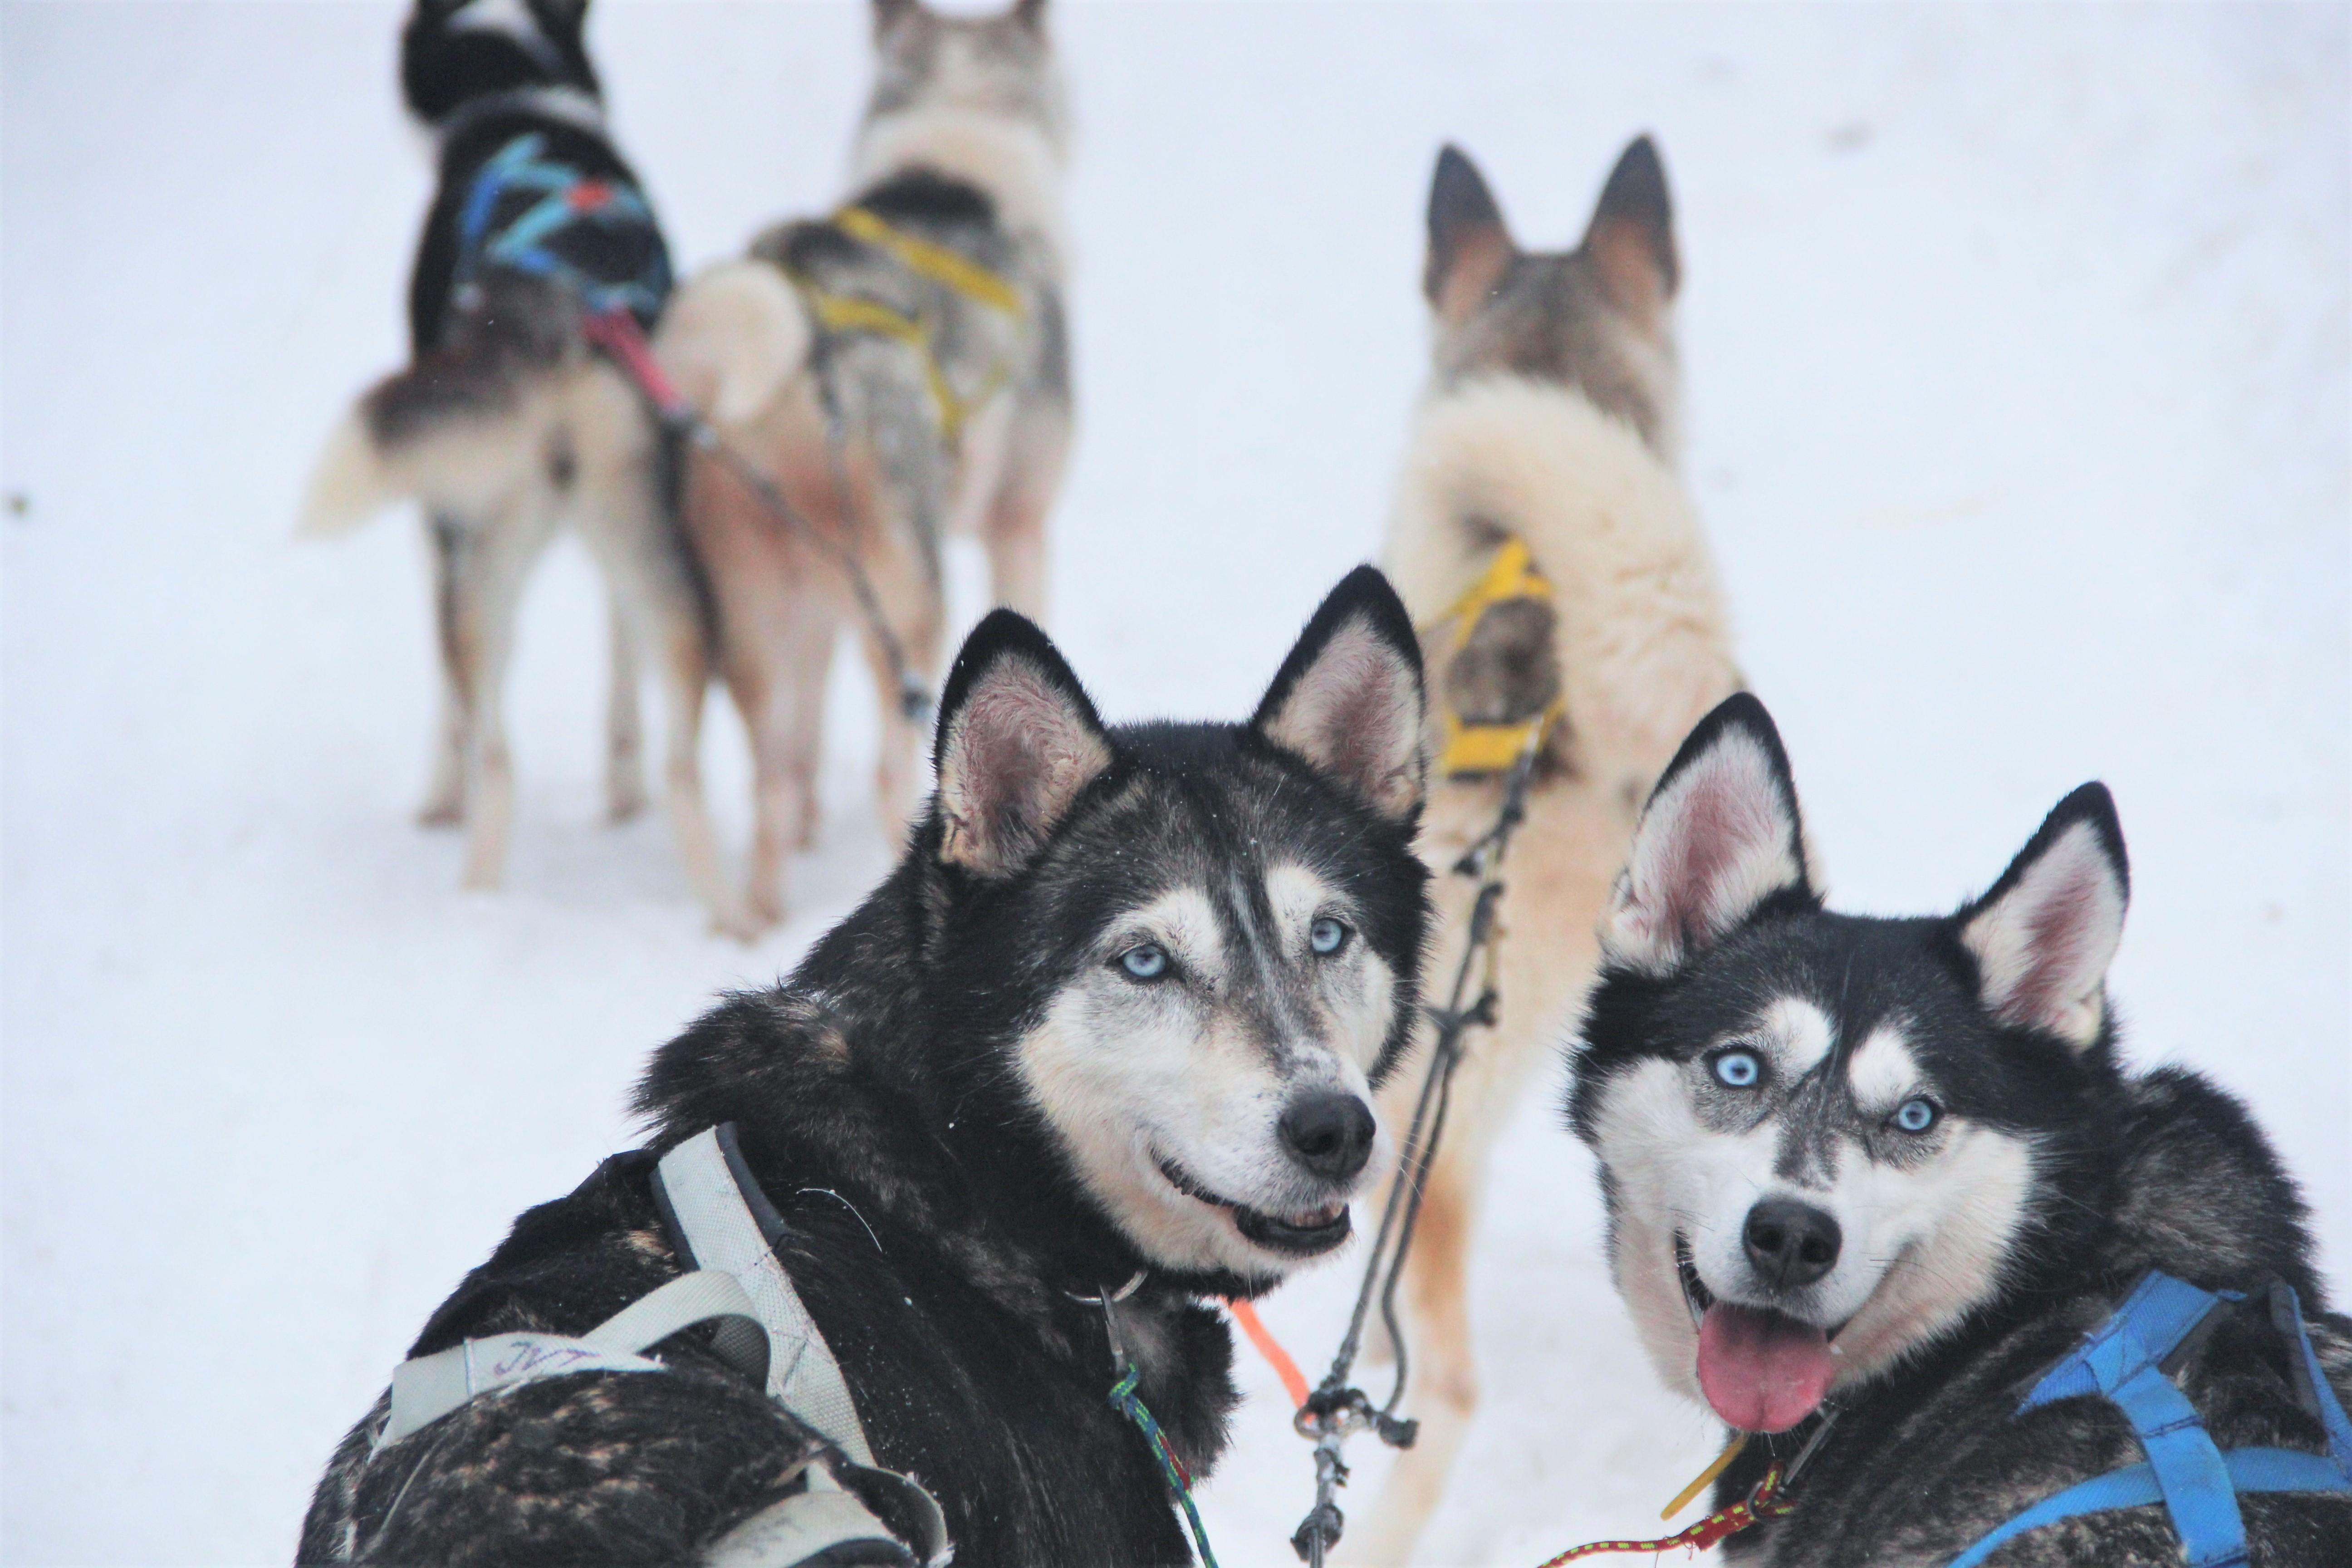 regards-chiens-traineaux-kiruna-suede-mylittleroad